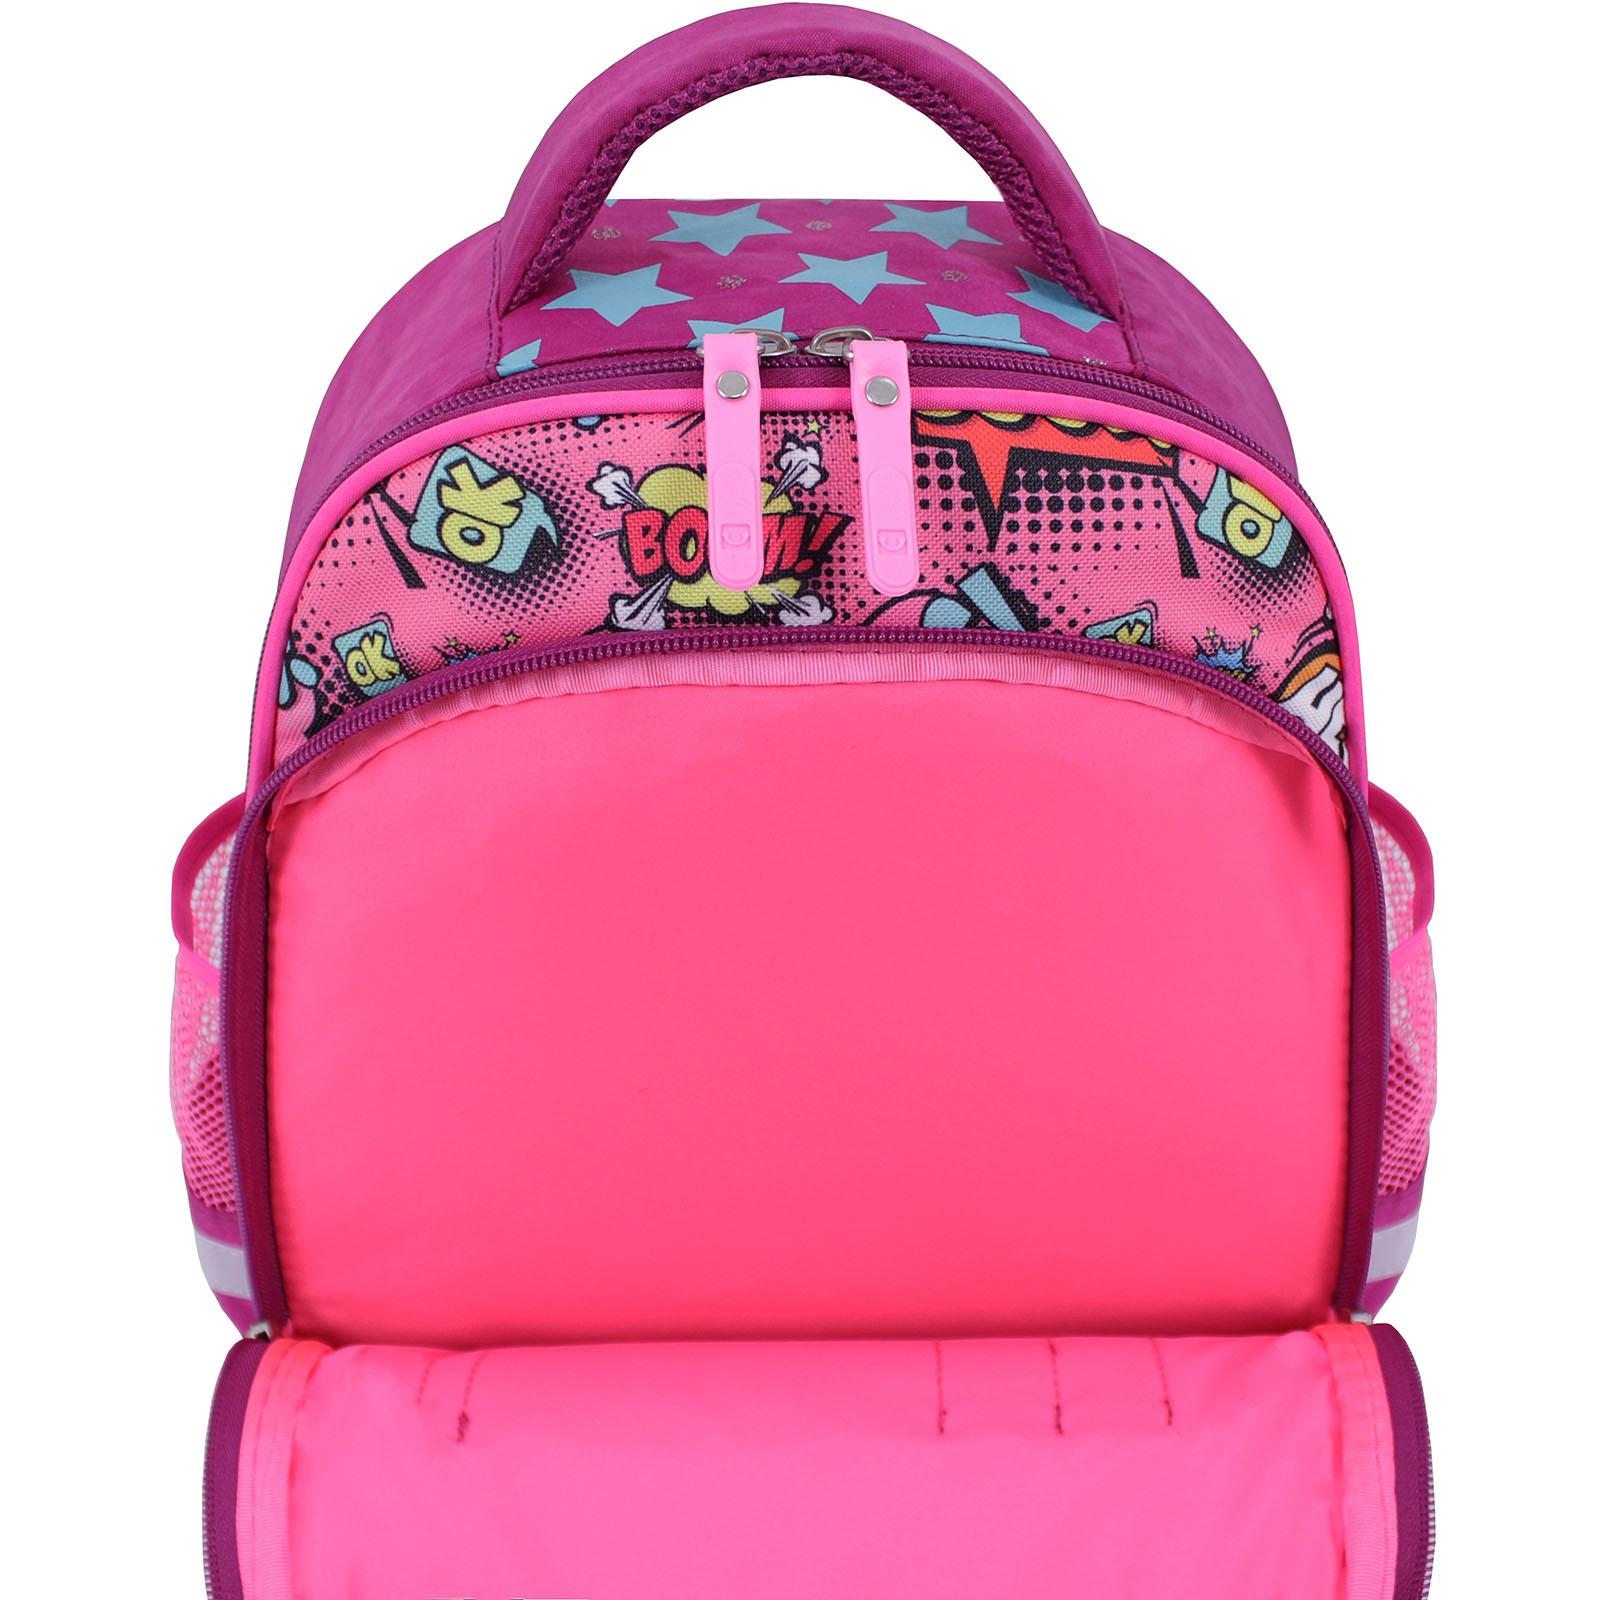 Рюкзак школьный Bagland Mouse 143 малиновый 510 (0051370) фото 5